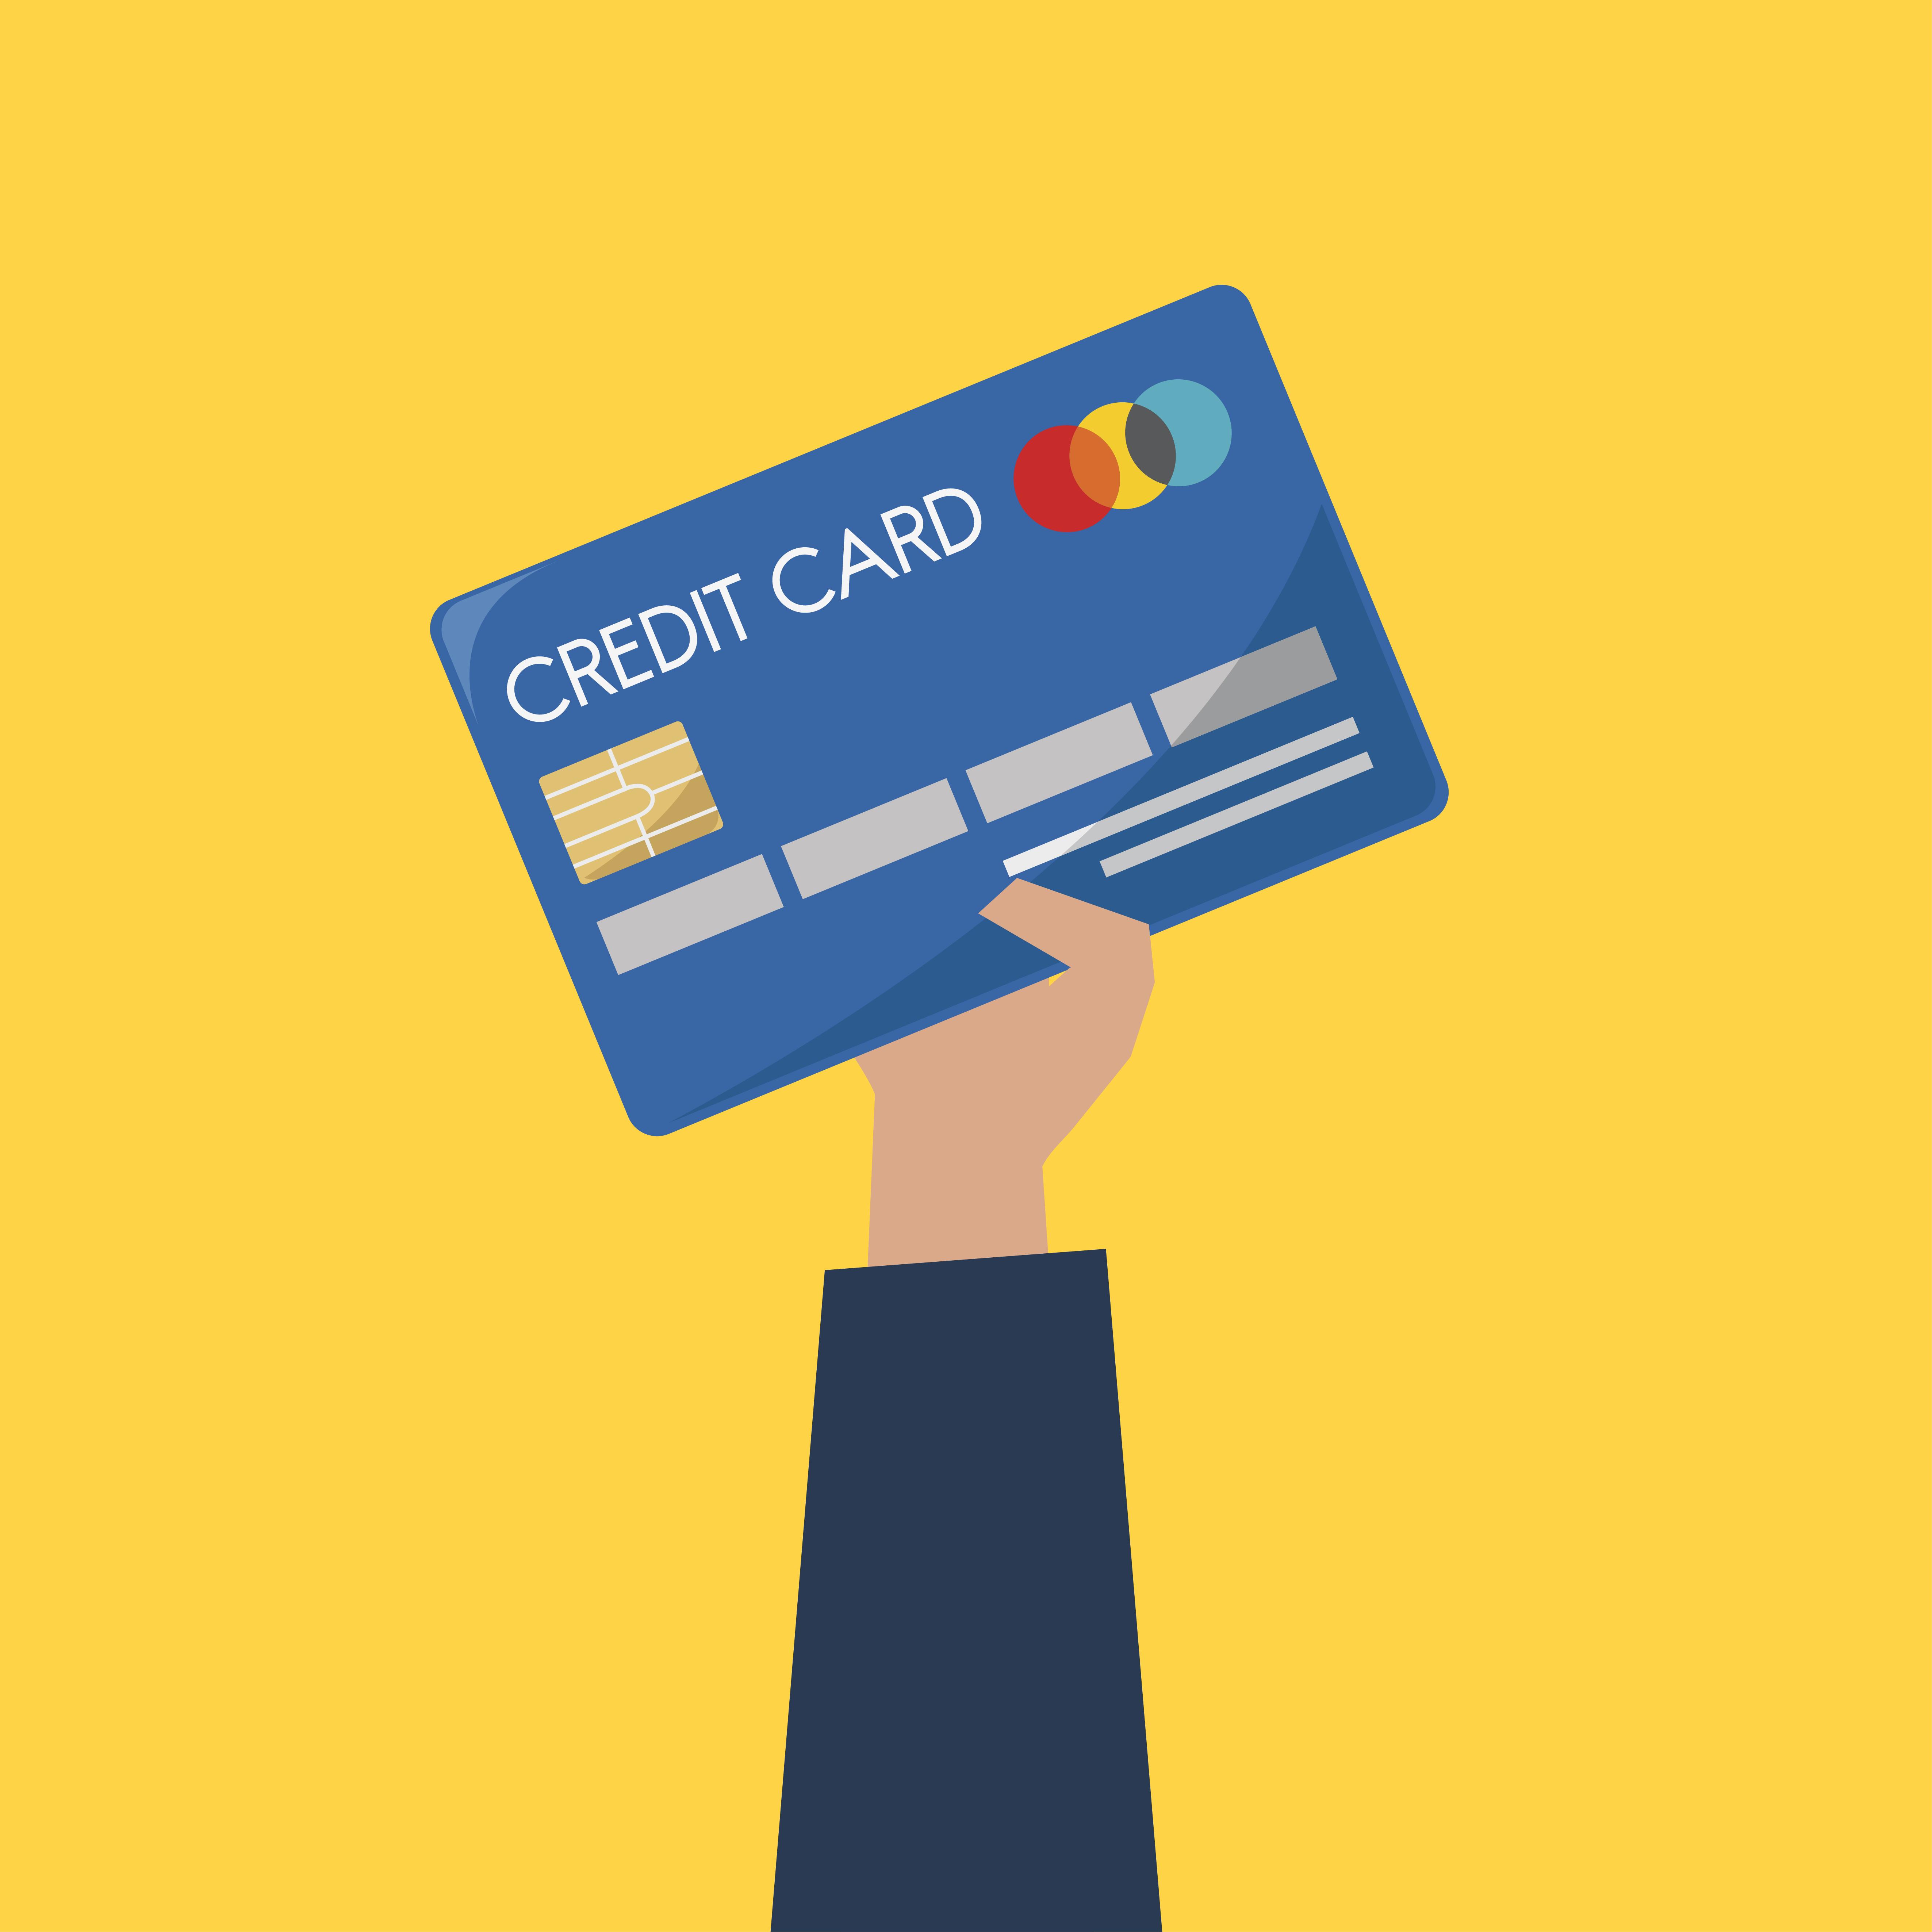 Non credit card free porn